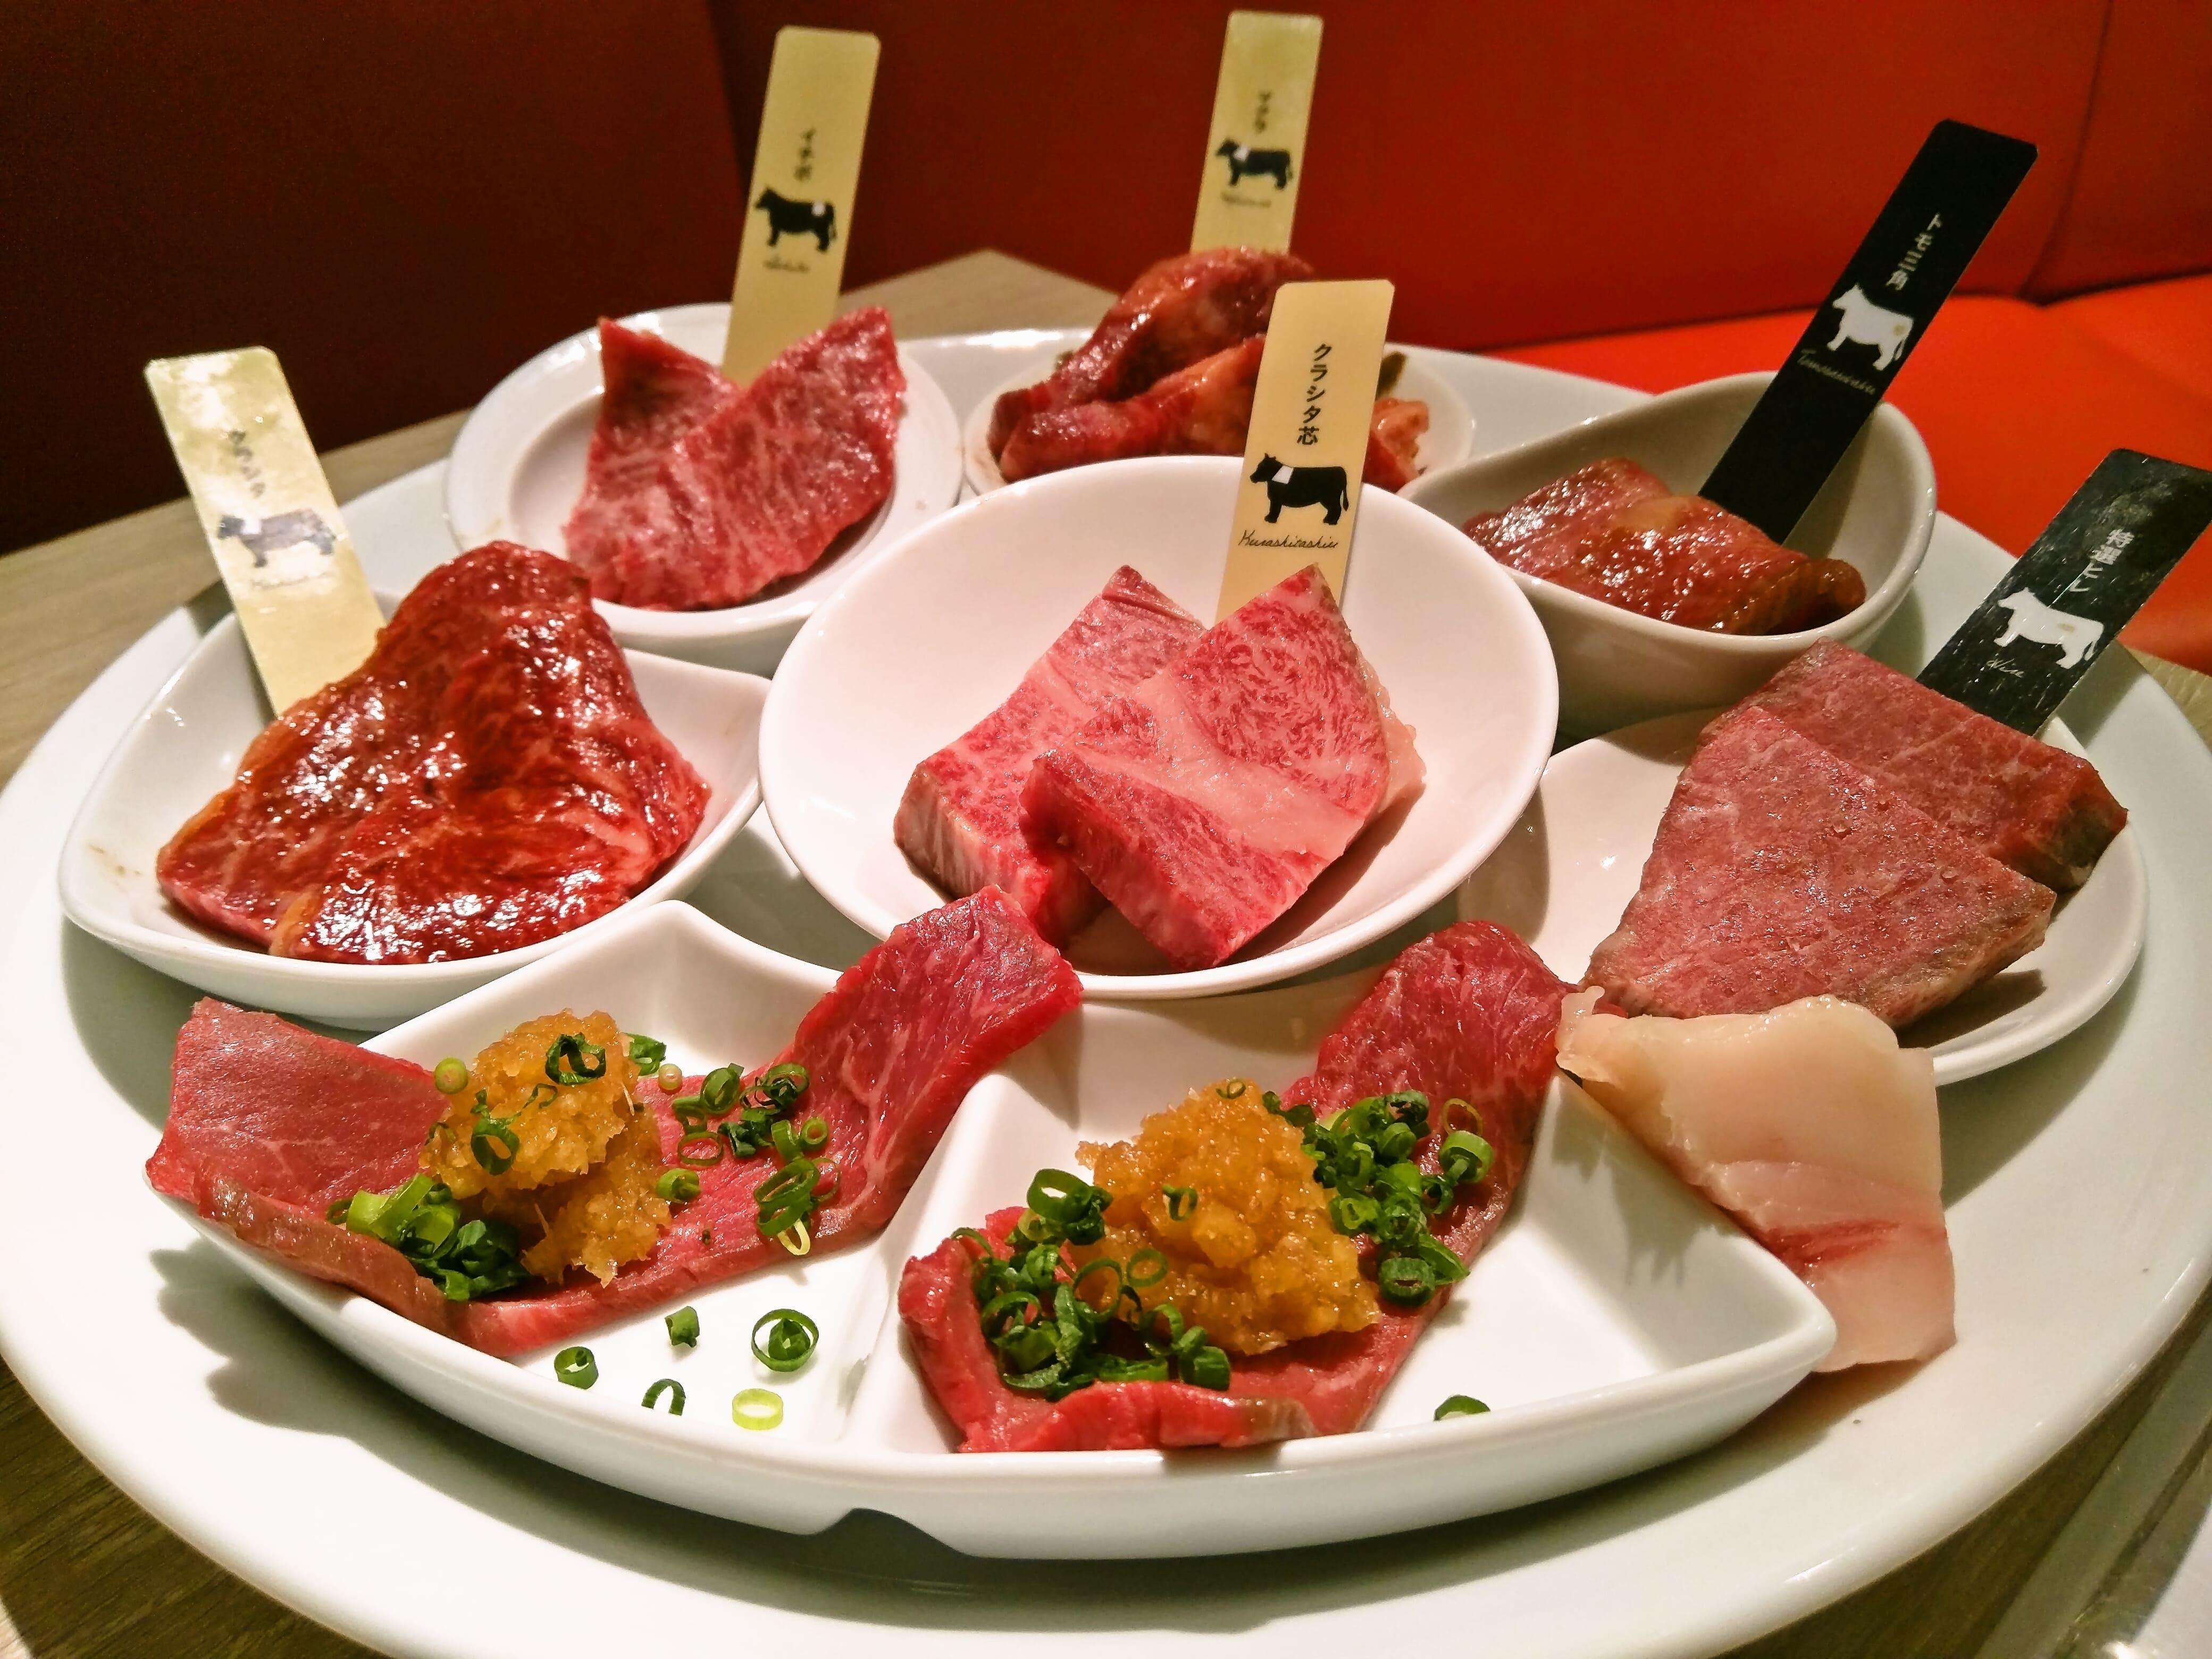 オシャレで美味しい熟成肉の焼肉 ~  西日暮里 エイジング・ビーフ